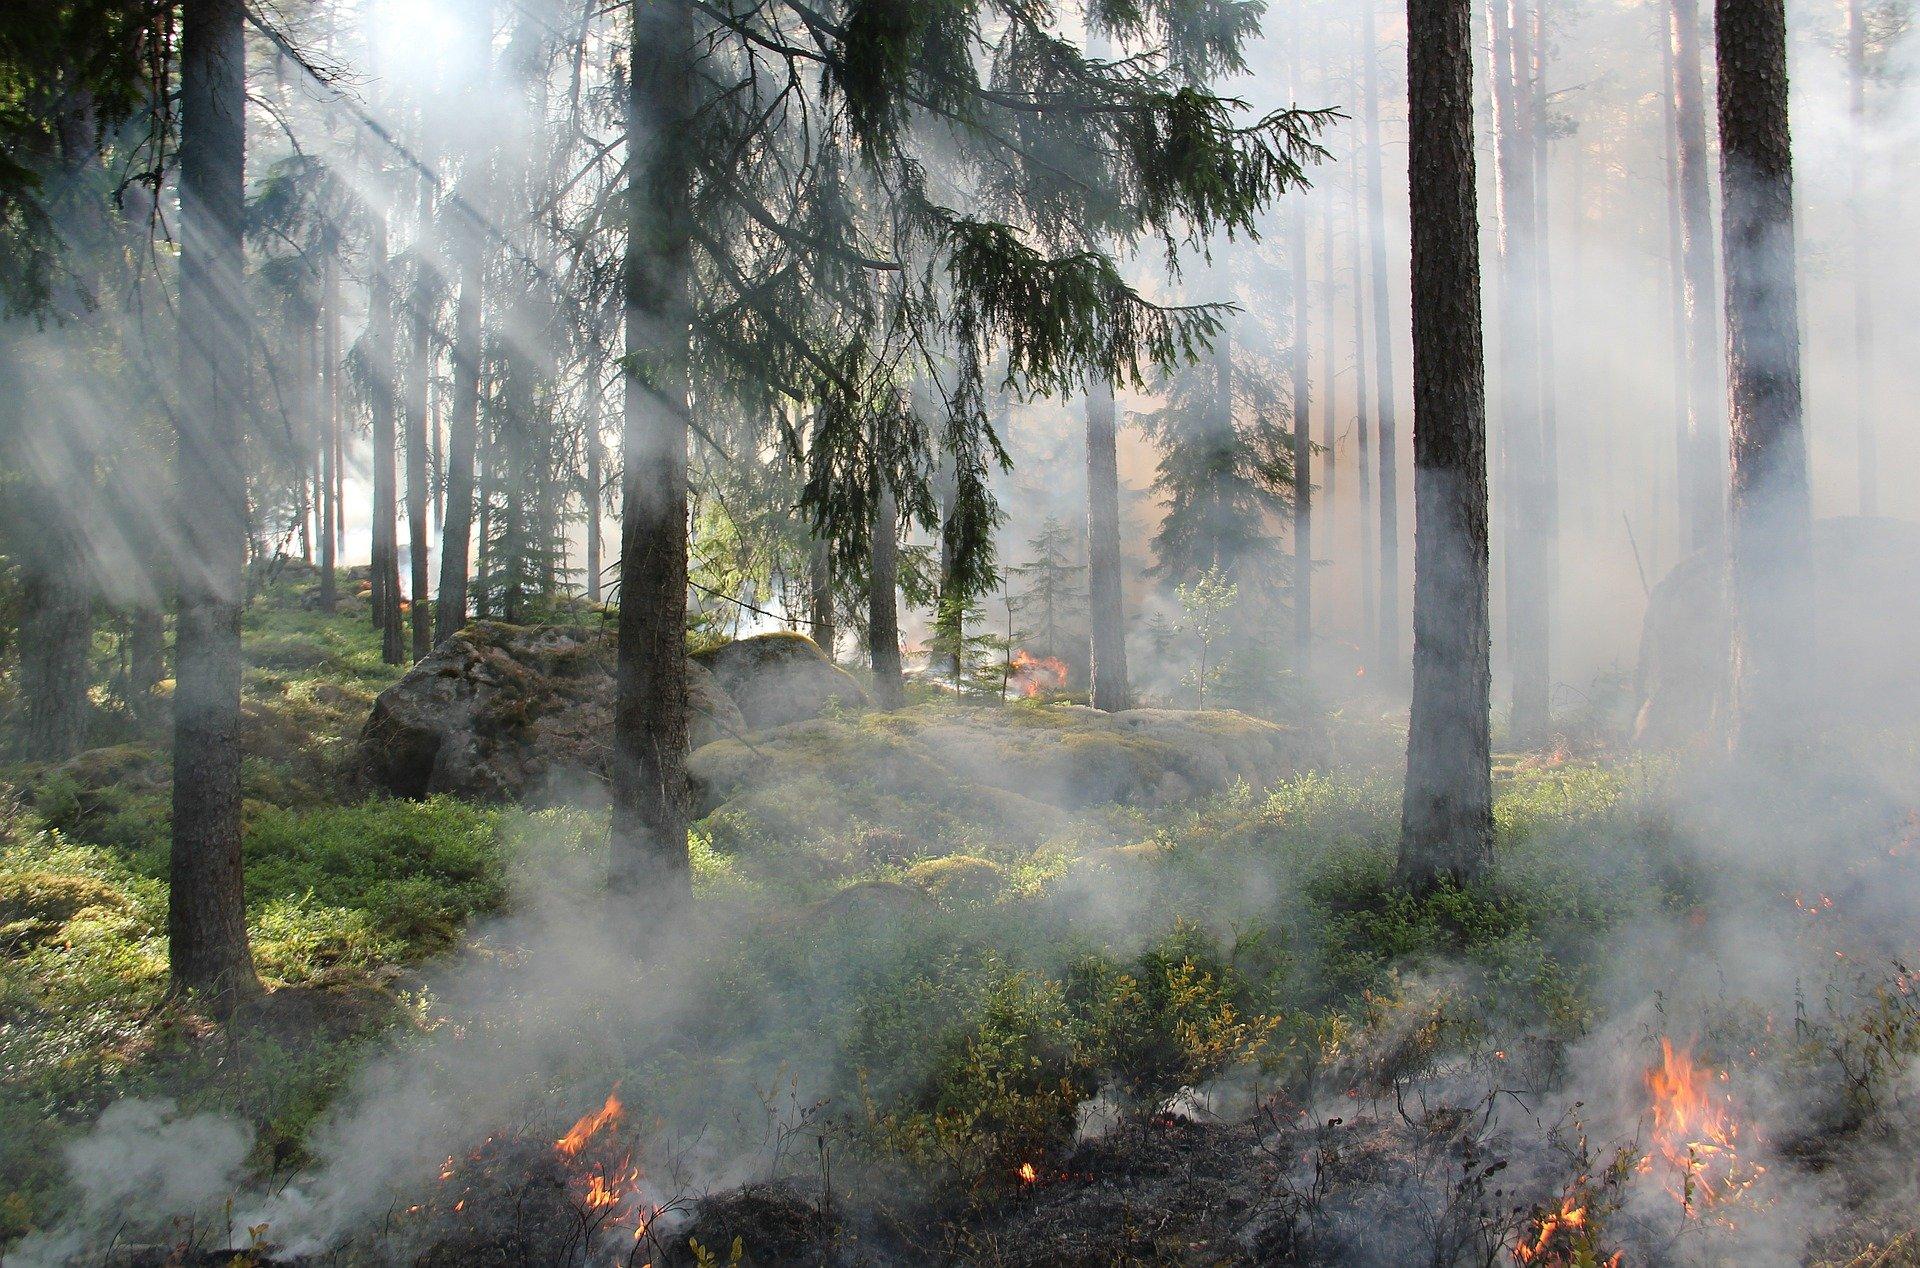 Штрафы за лесные пожары в России могут вырасти в 10 раз